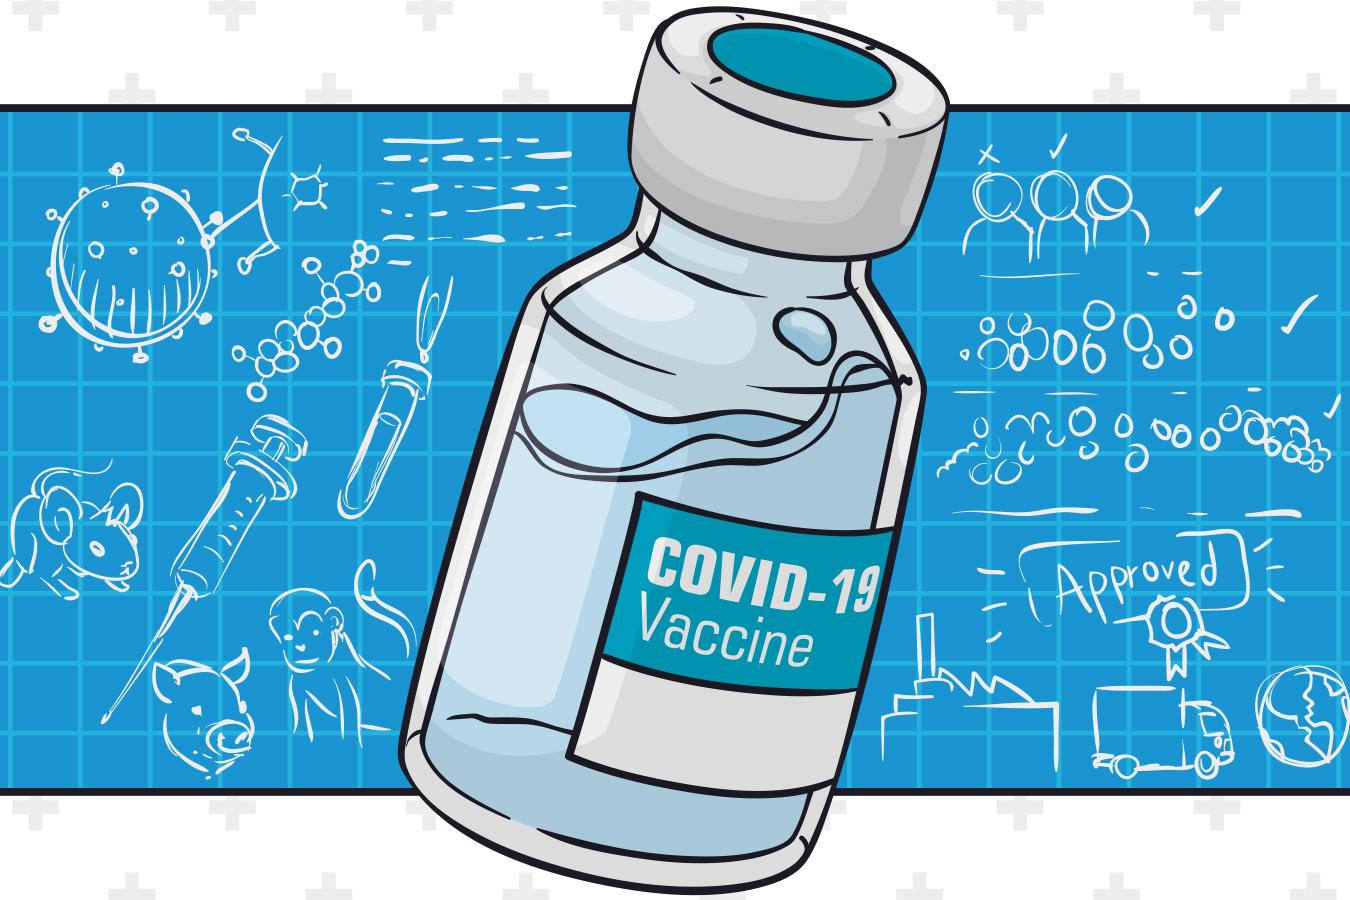 ΕΕ Πανδημία: Ταχείες διαδικασίες στην έγκριση βελτιωμένων εμβολίων έναντι των μεταλλάξεων του νέου κορωνοϊού